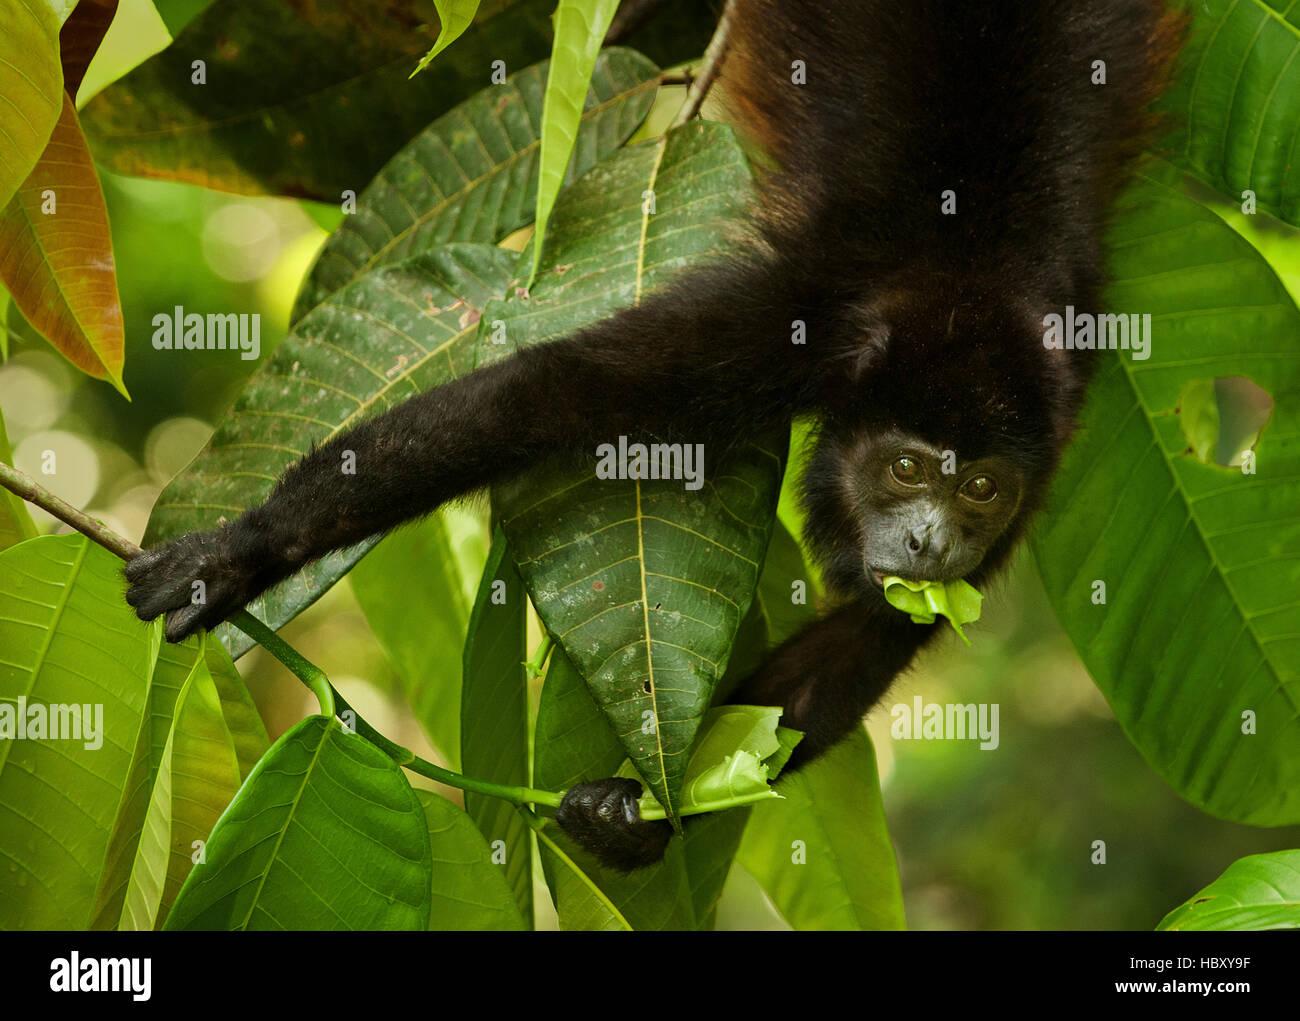 Los monos aulladores de manto (Alouatta palliata) comiendo una hoja, Costa Rica Imagen De Stock